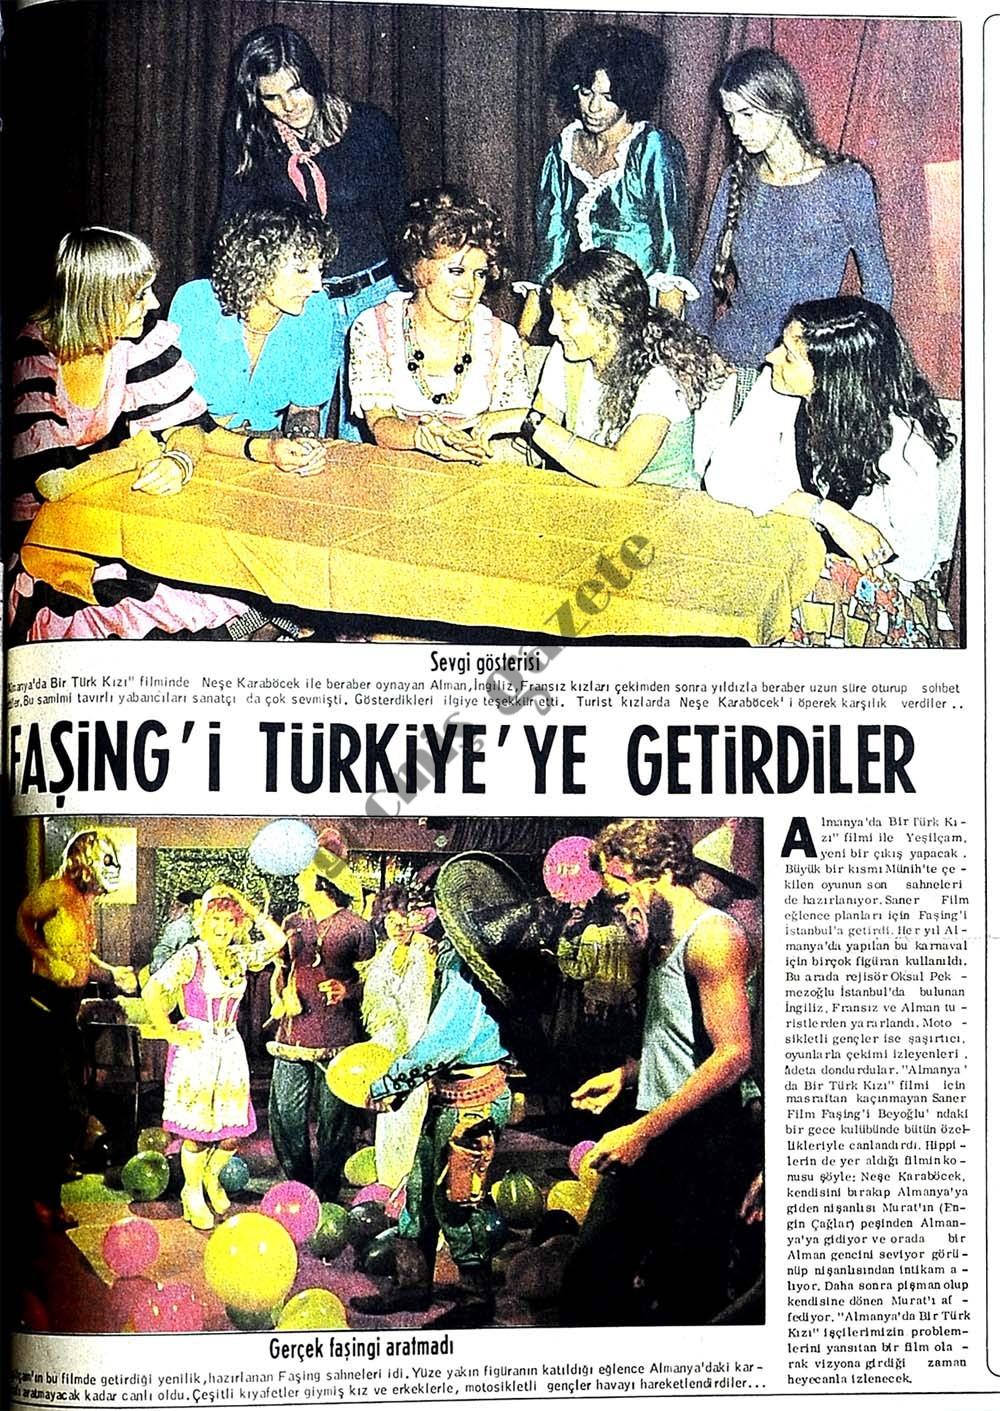 Faşing'i Türkiye'ye getirdiler